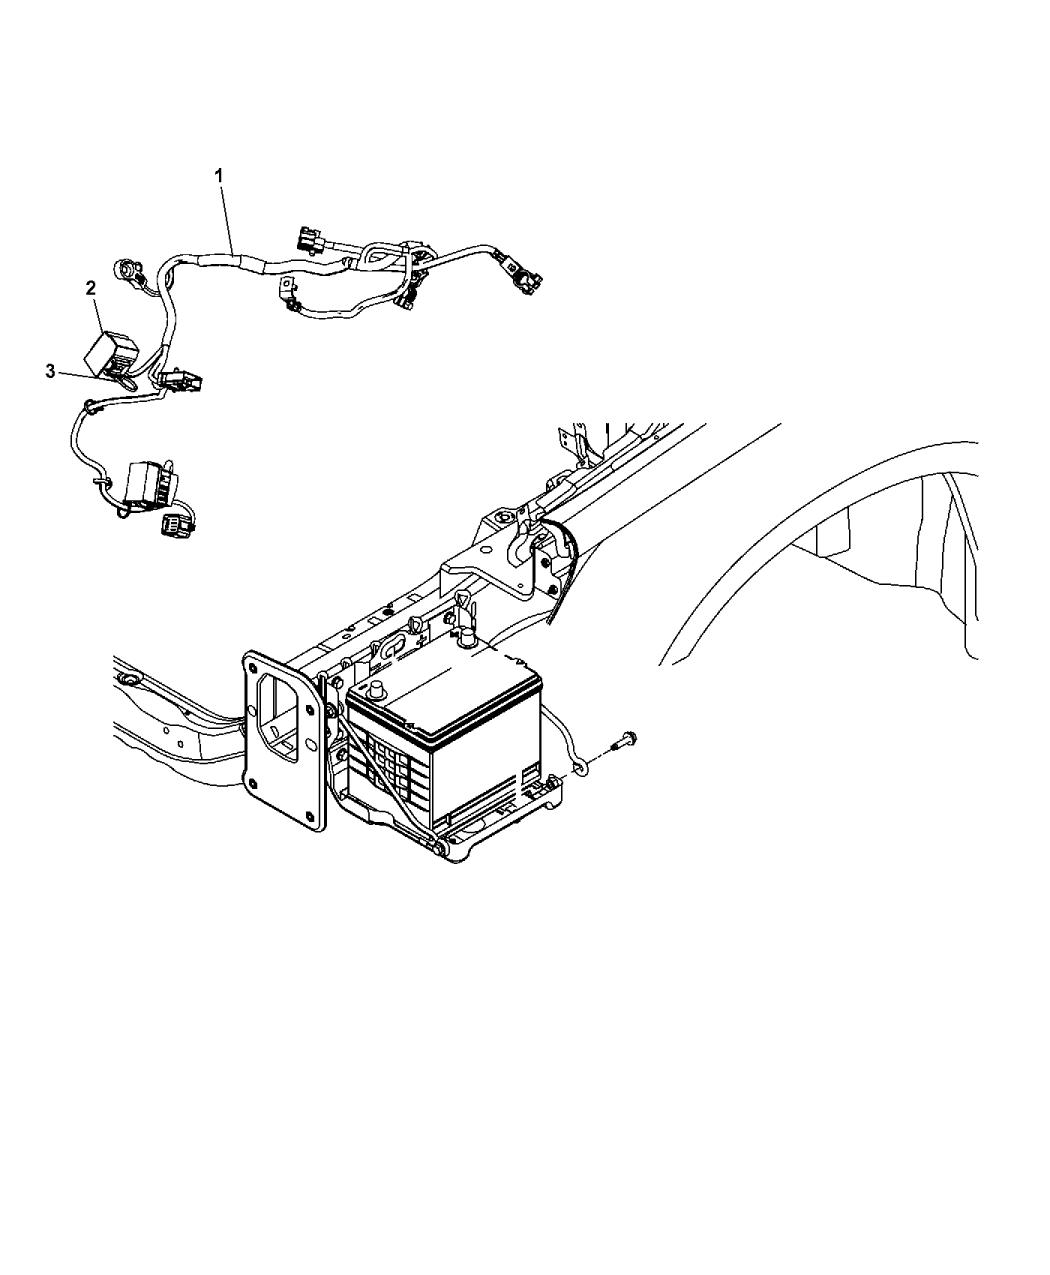 2010 dodge avenger battery wiring